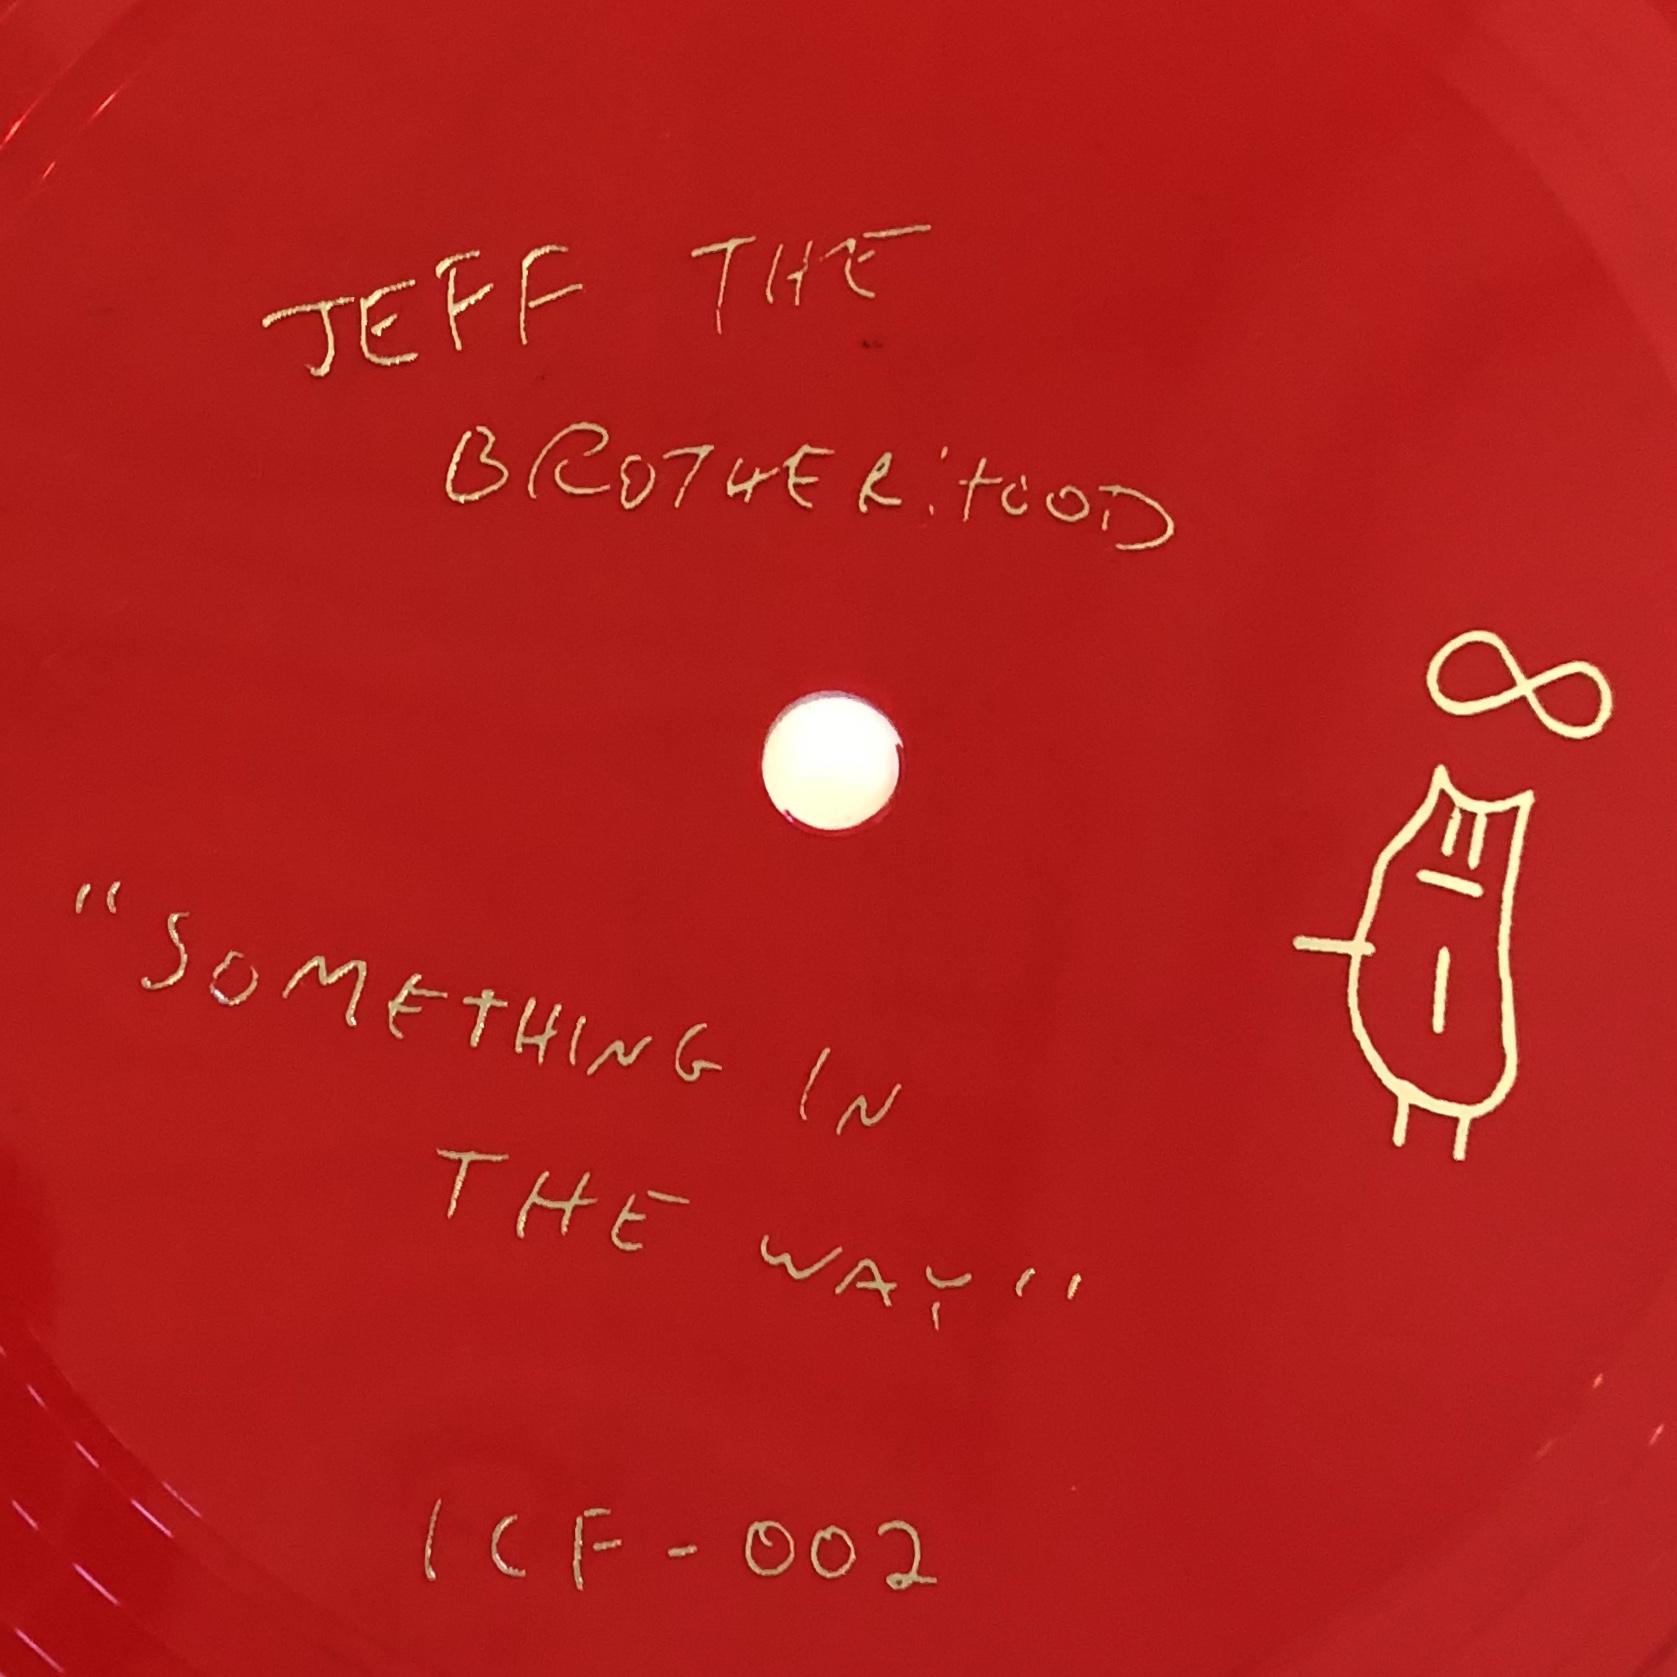 JEFF The Brotherhood FLEXI'S 8 bucks!